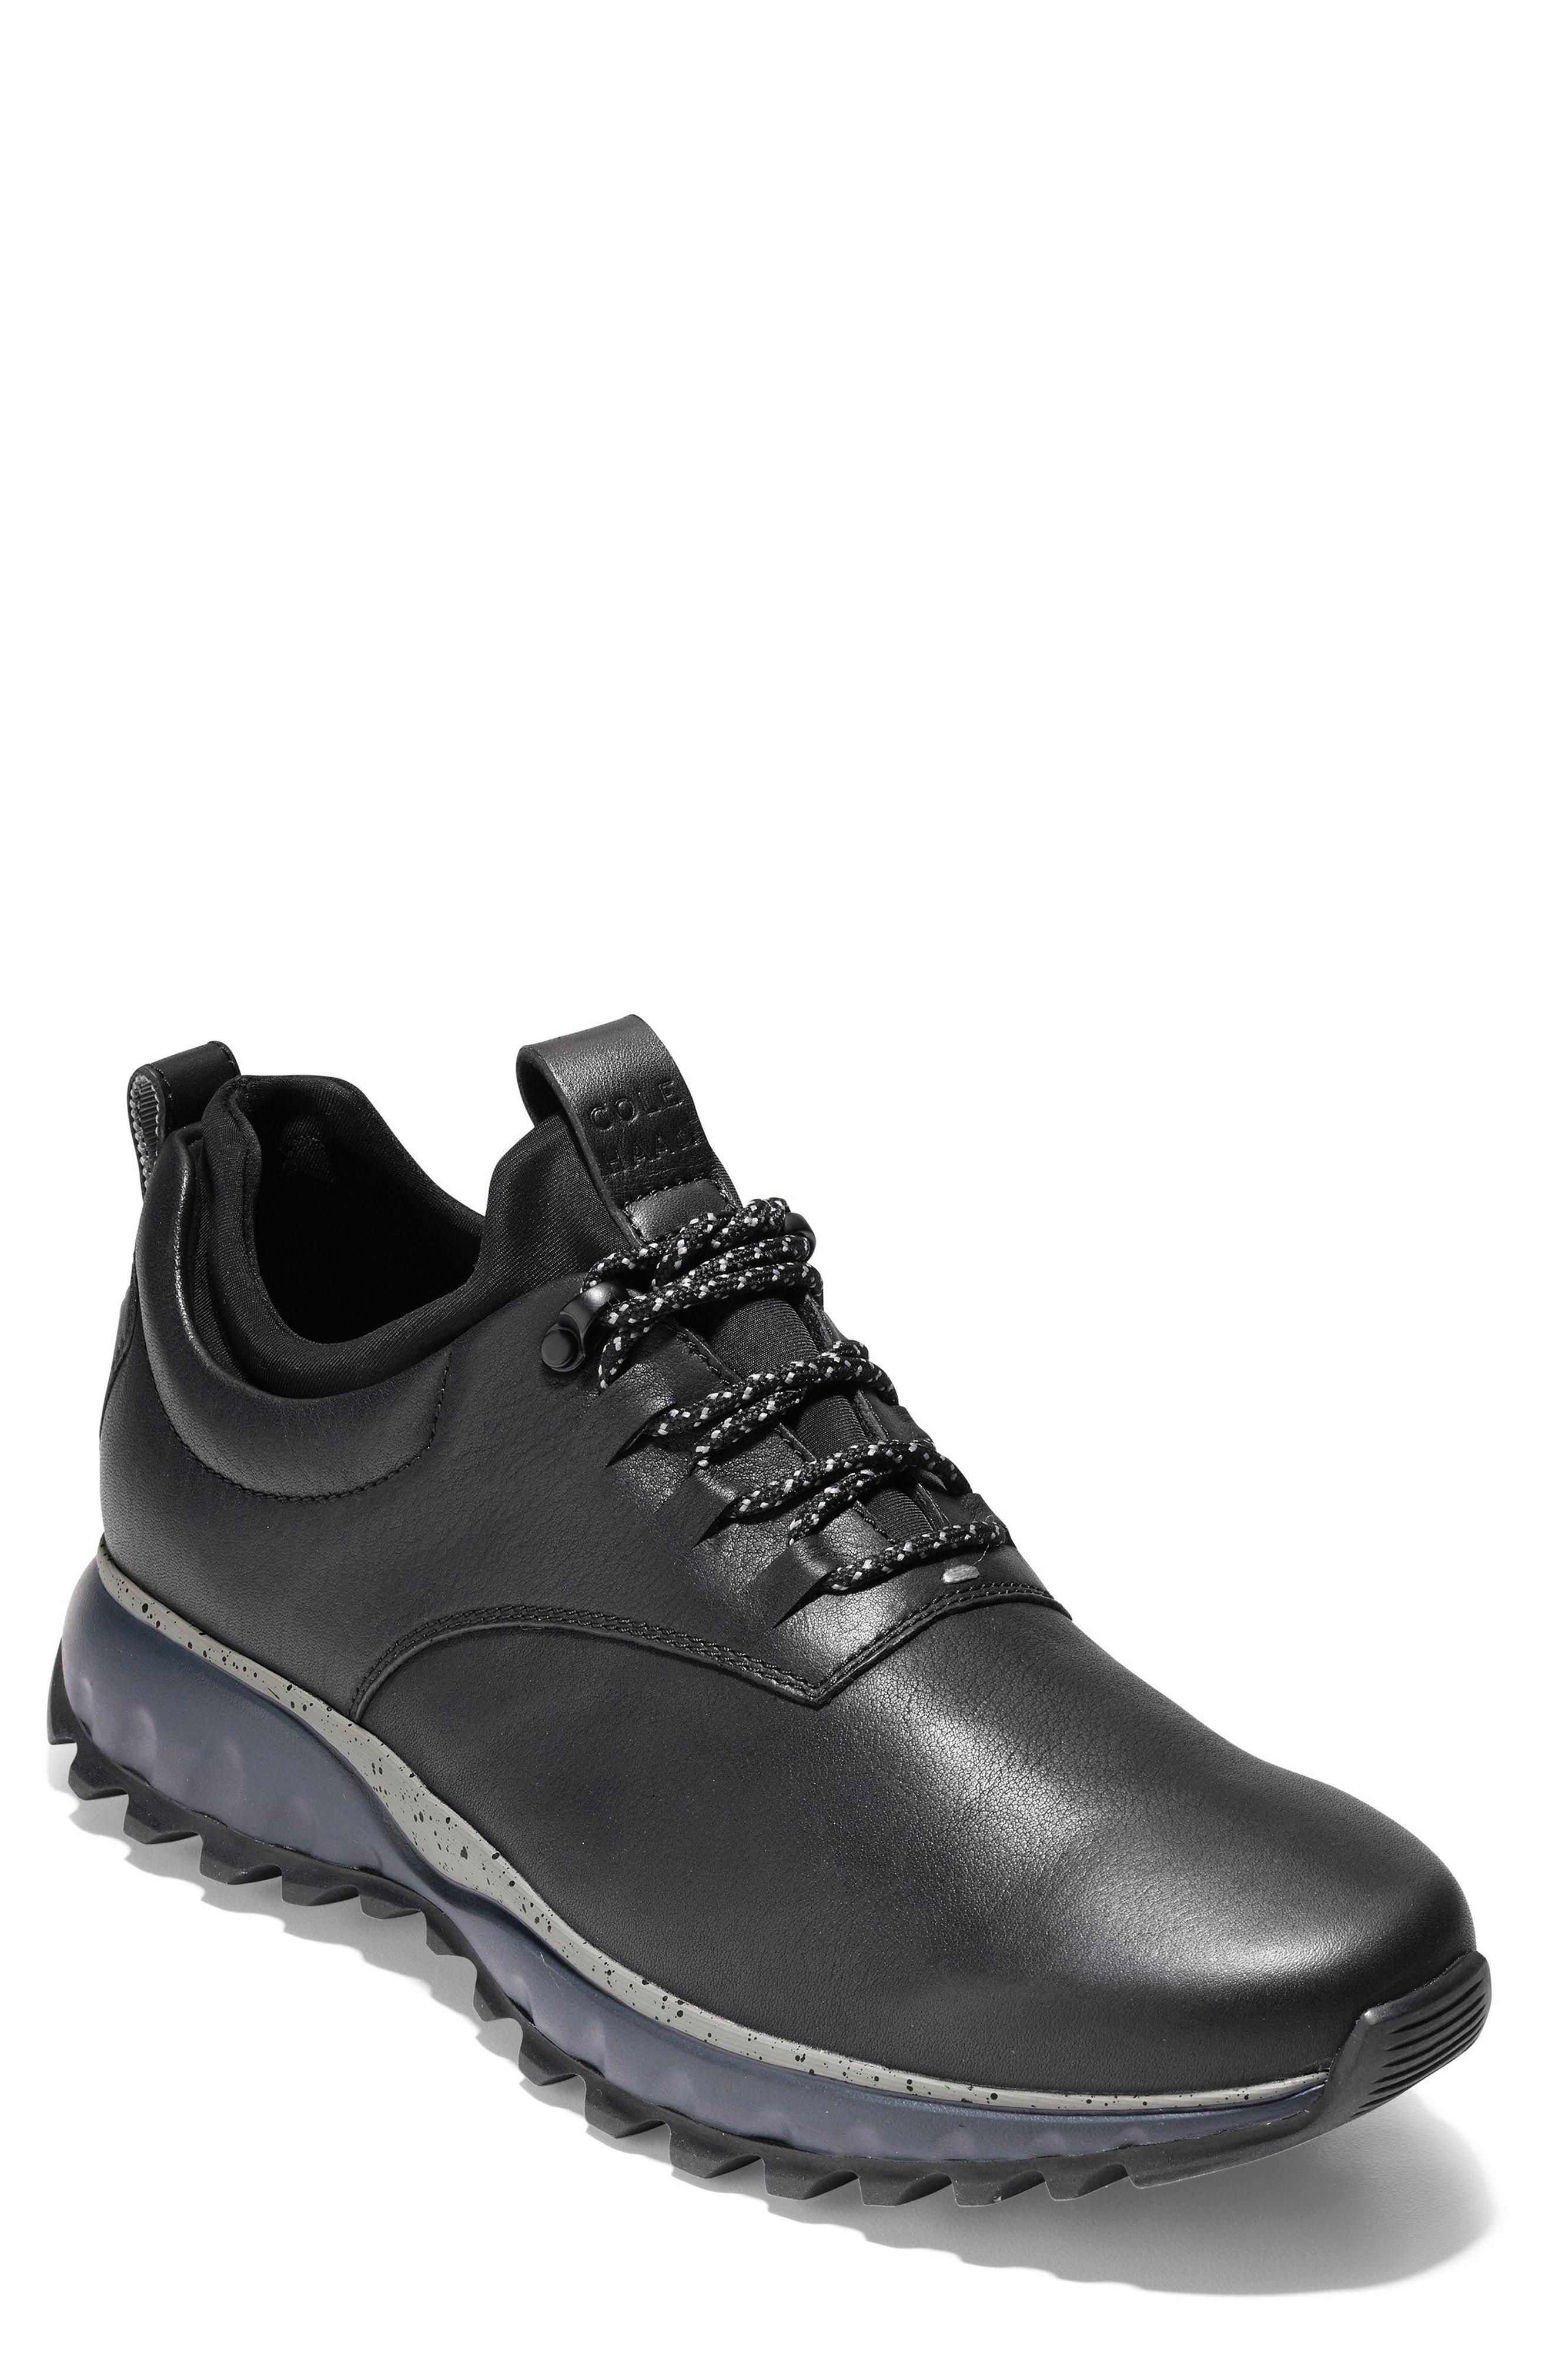 All Terrain Waterproof Sneaker